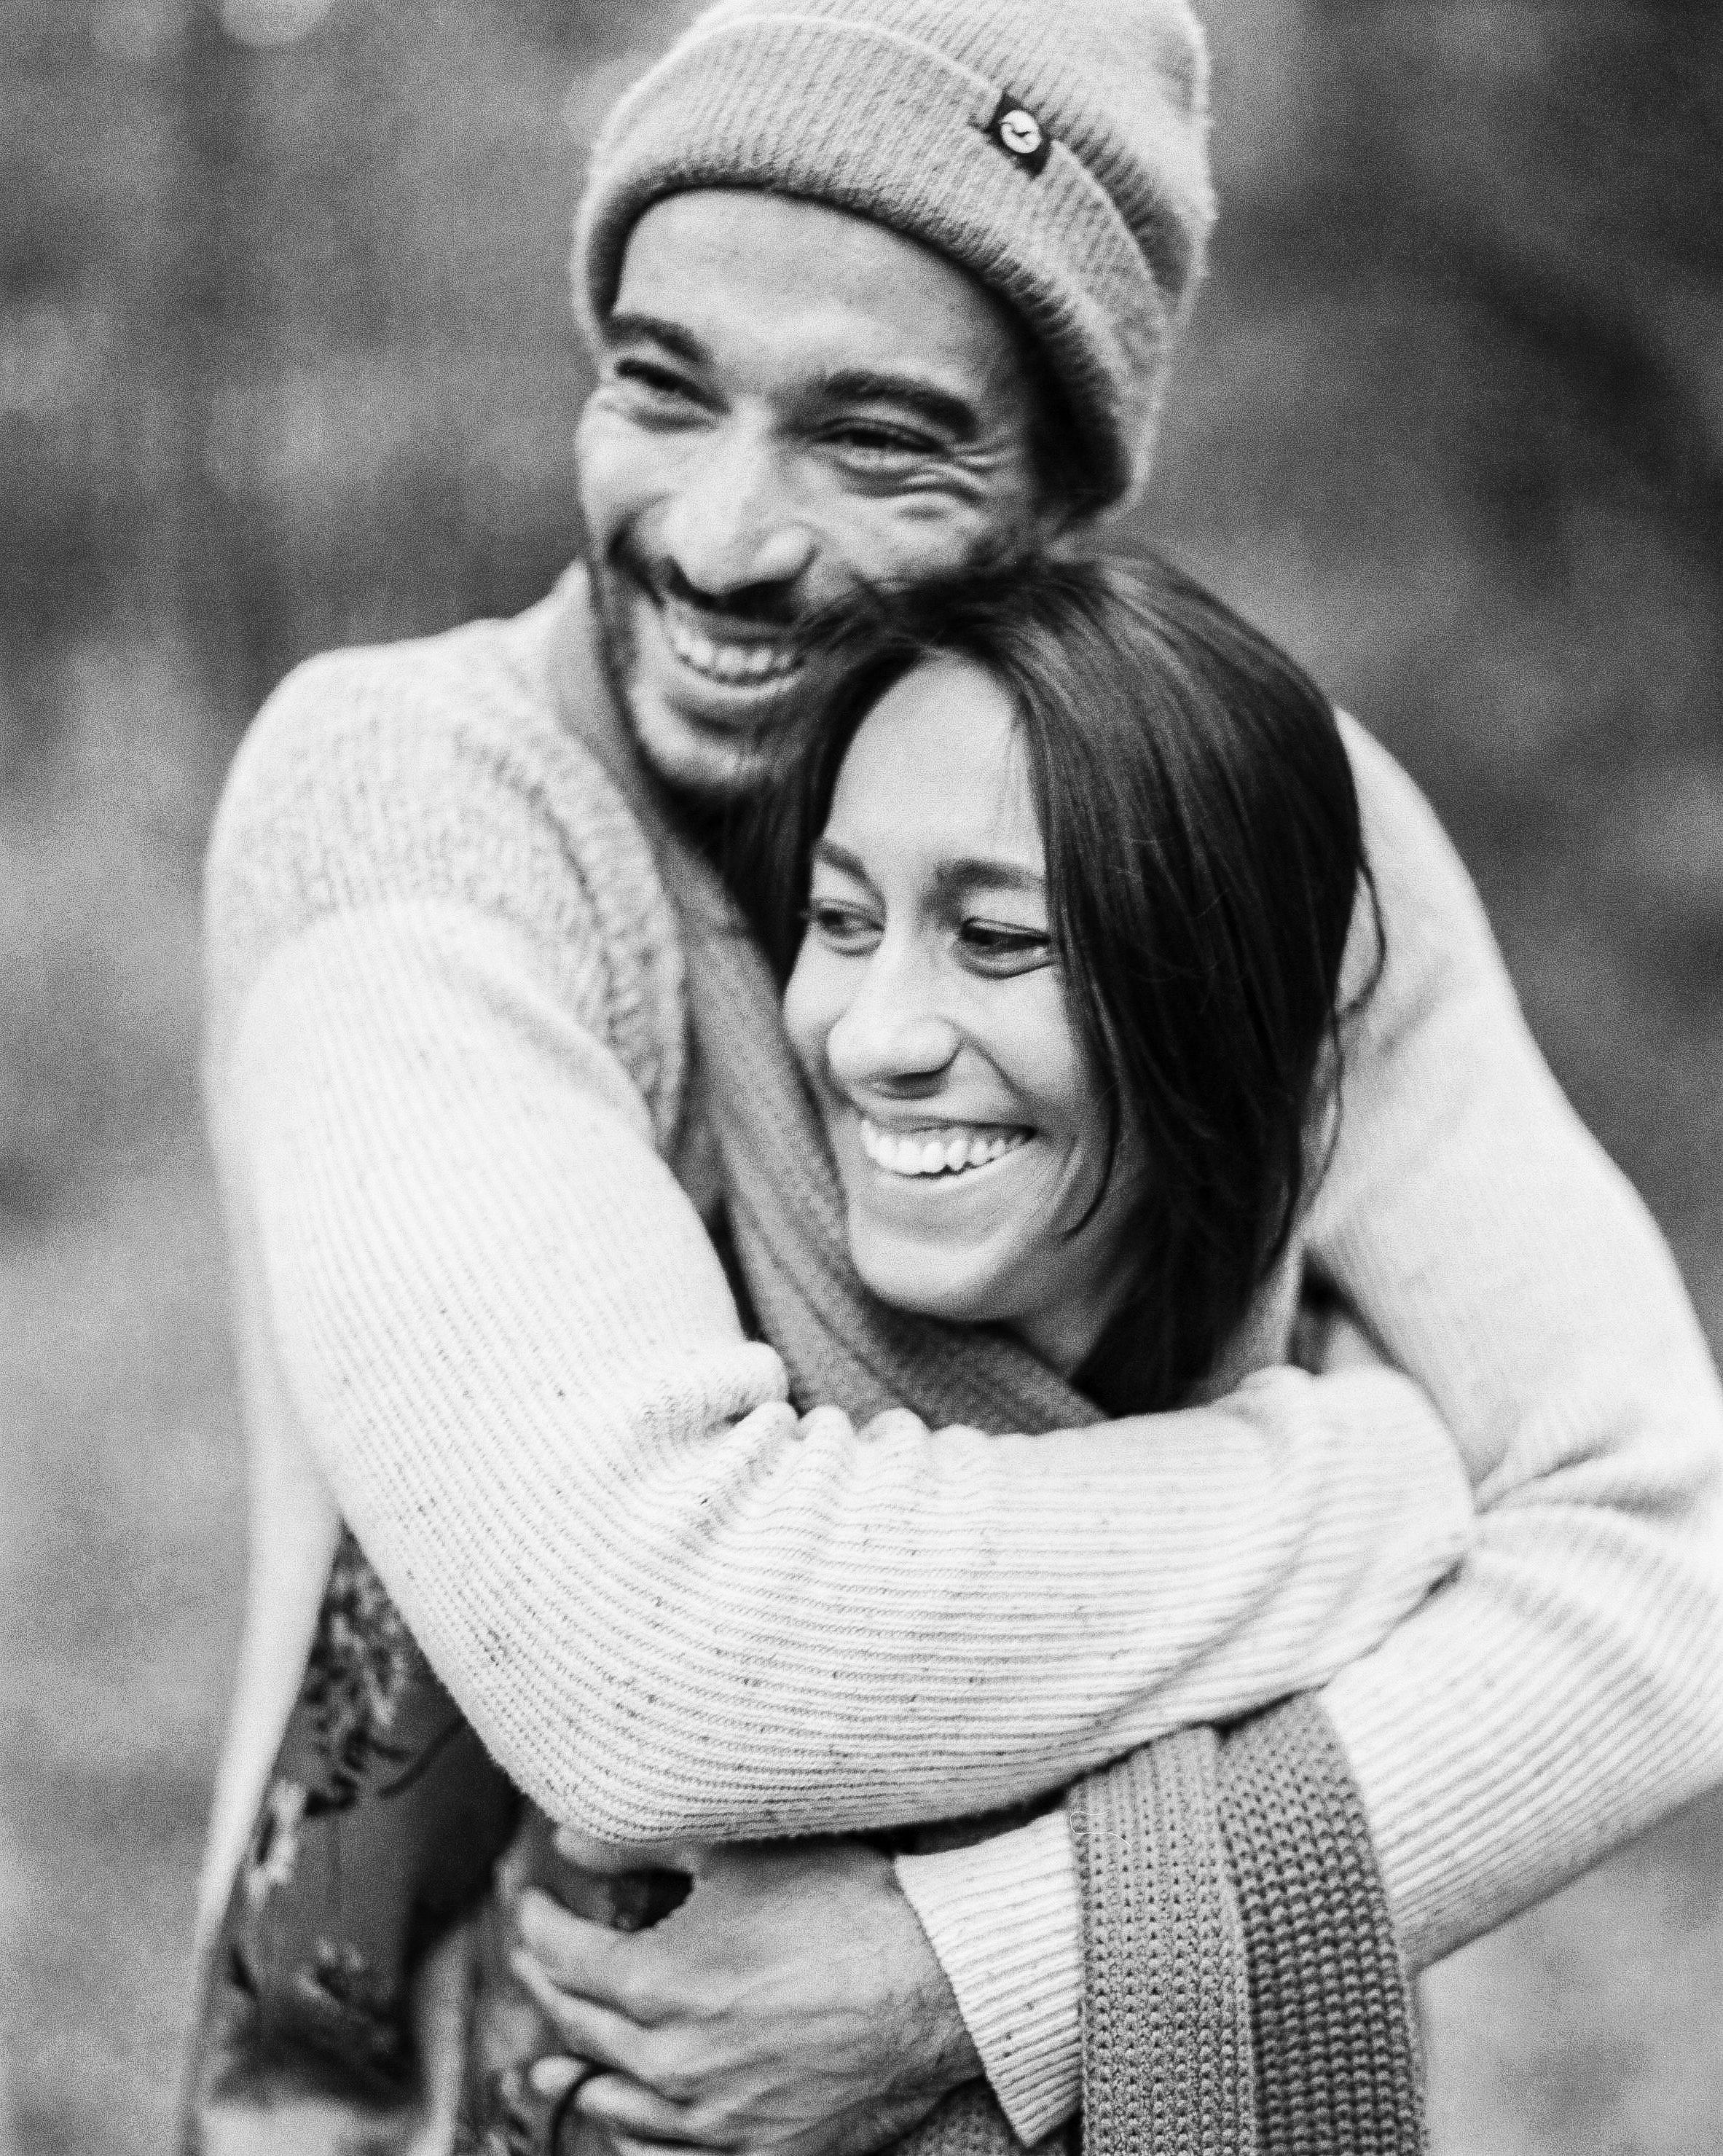 celinehamelin-photographe-couple-argentique-loversession-espagne-sudouest-filmphotography8.jpg